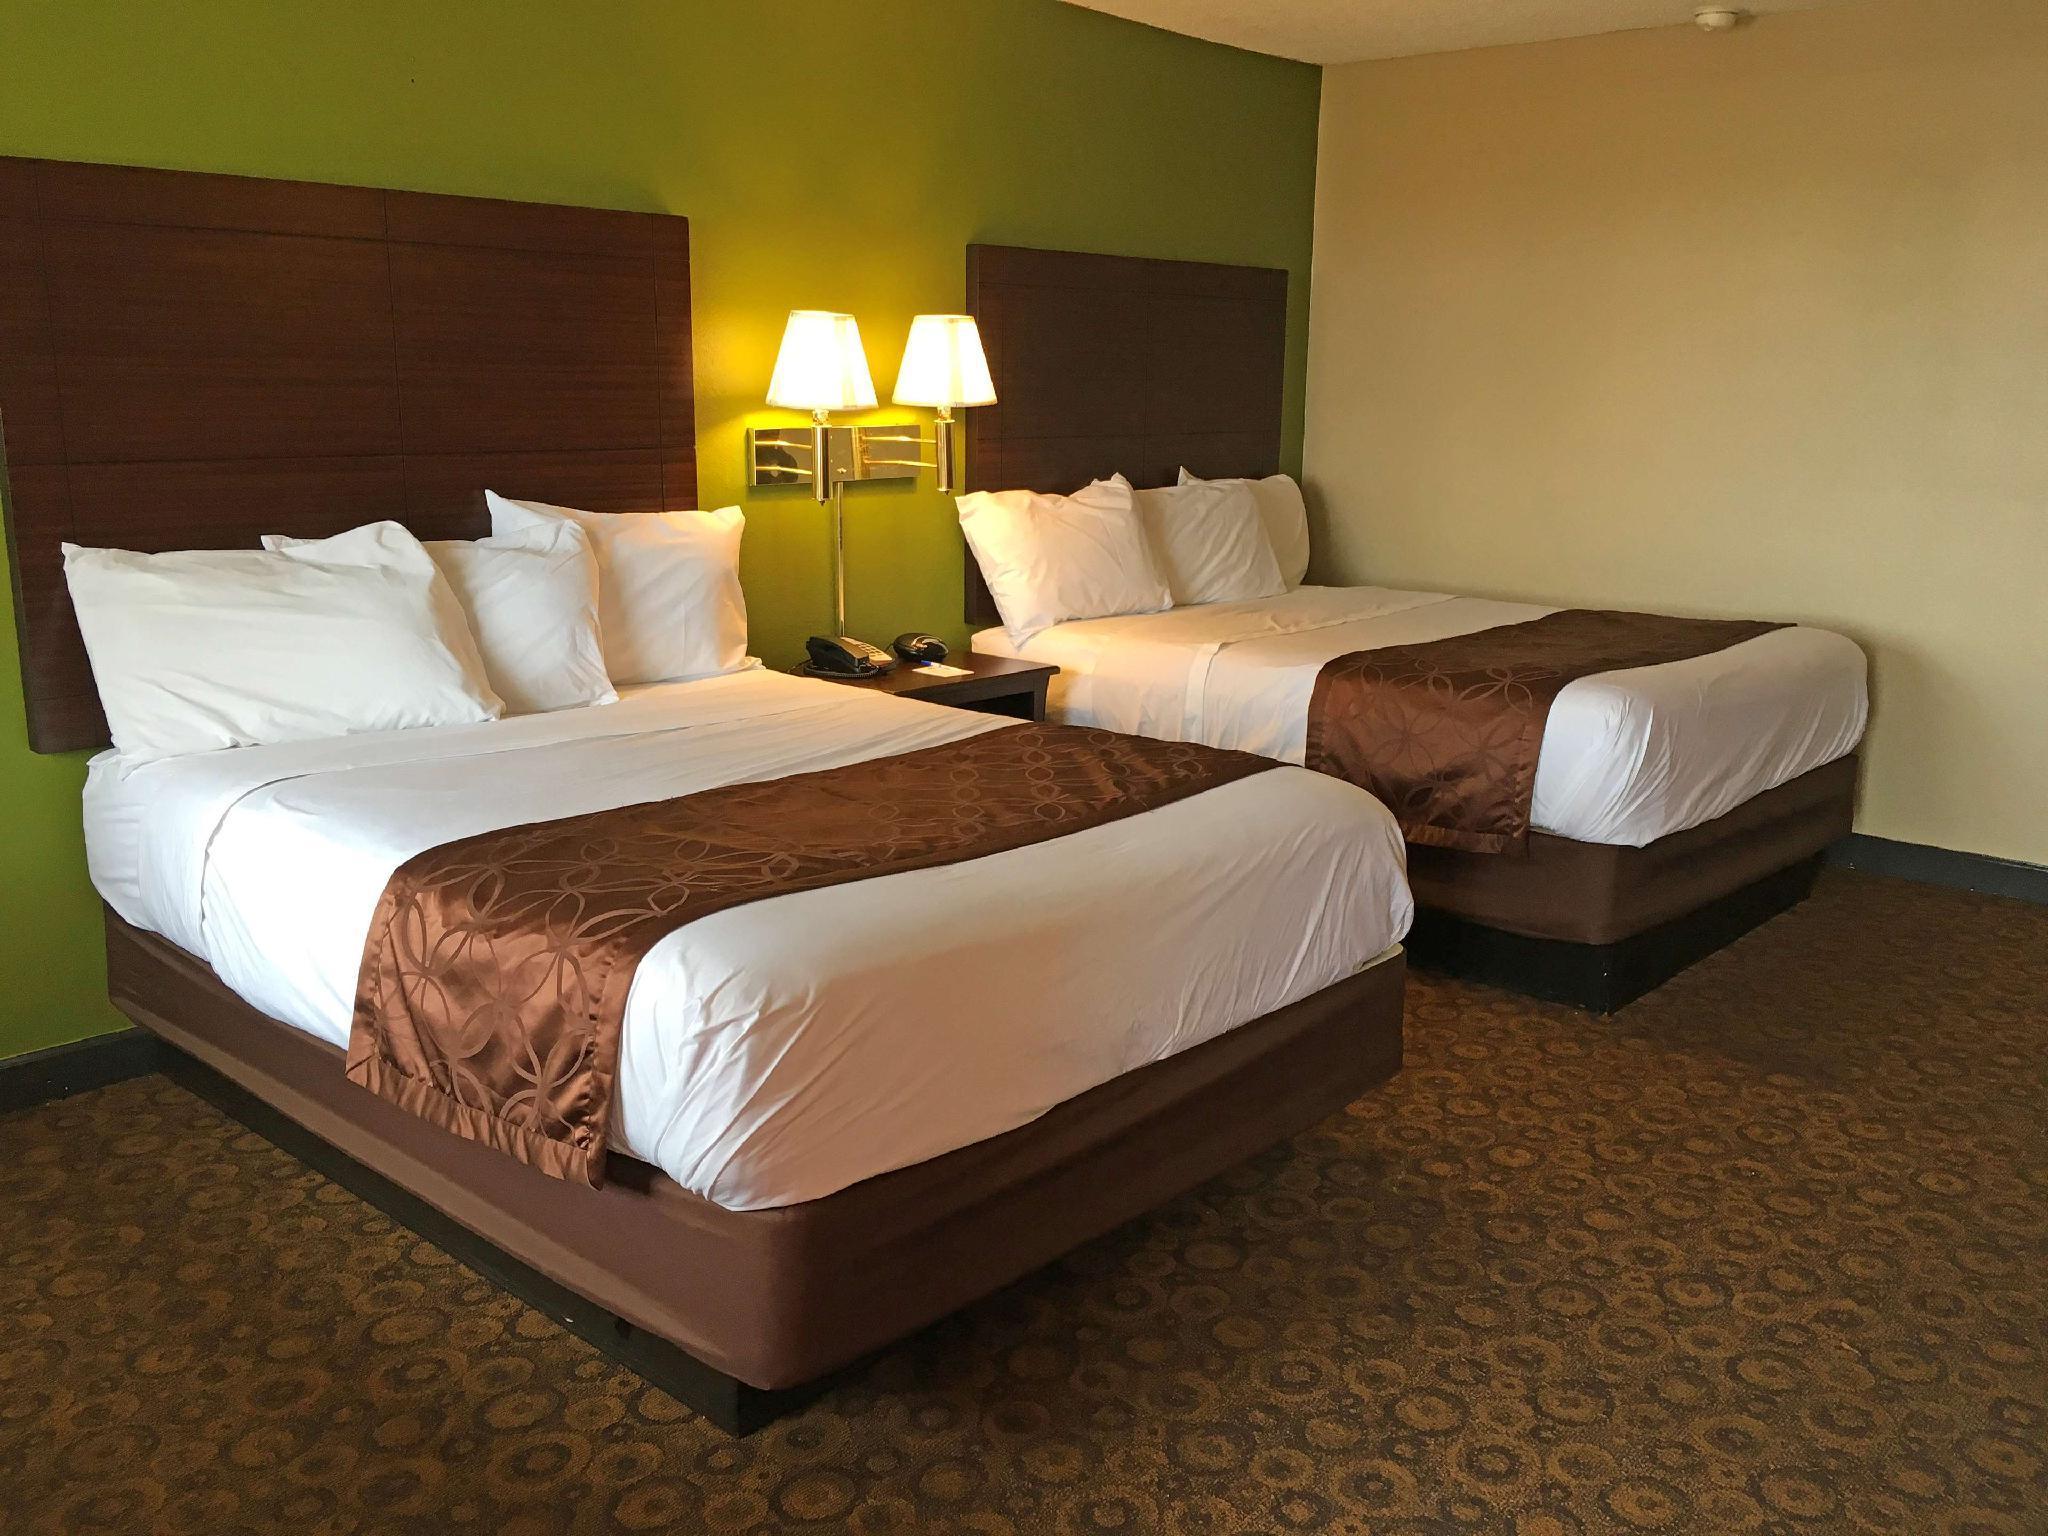 Americas Best Value Inn & Suites Greenwood